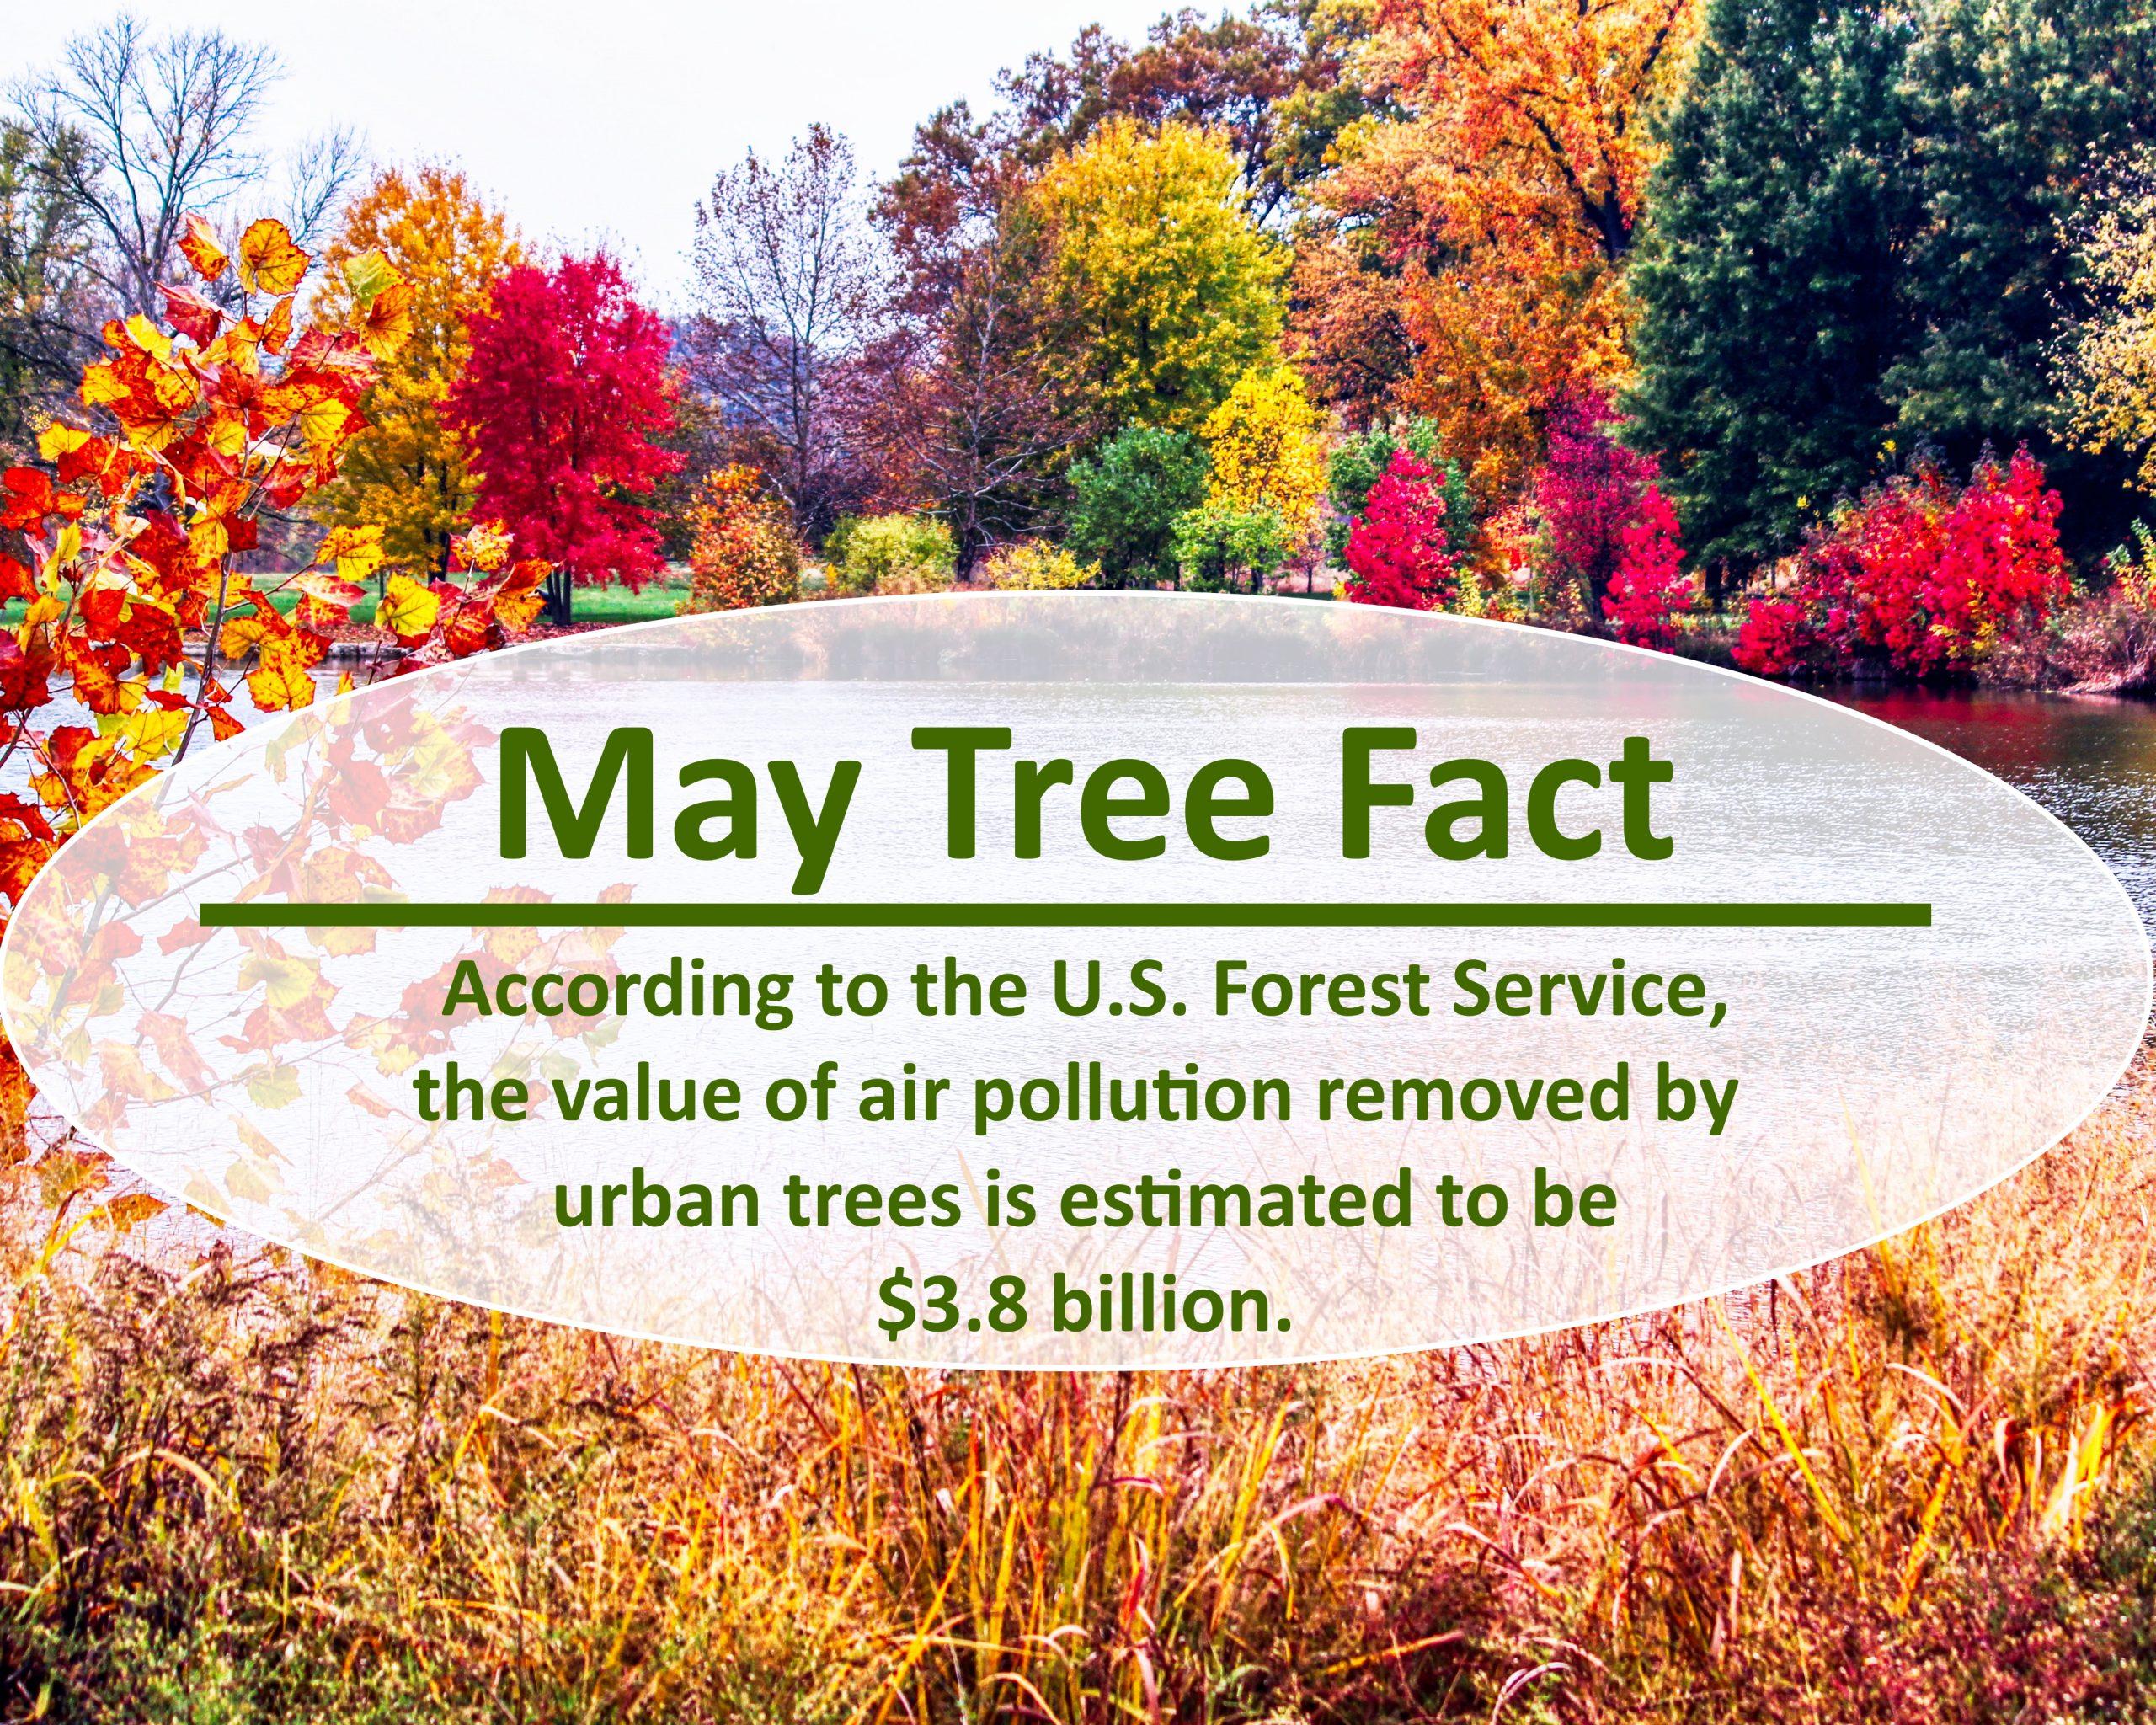 tree-fact-may